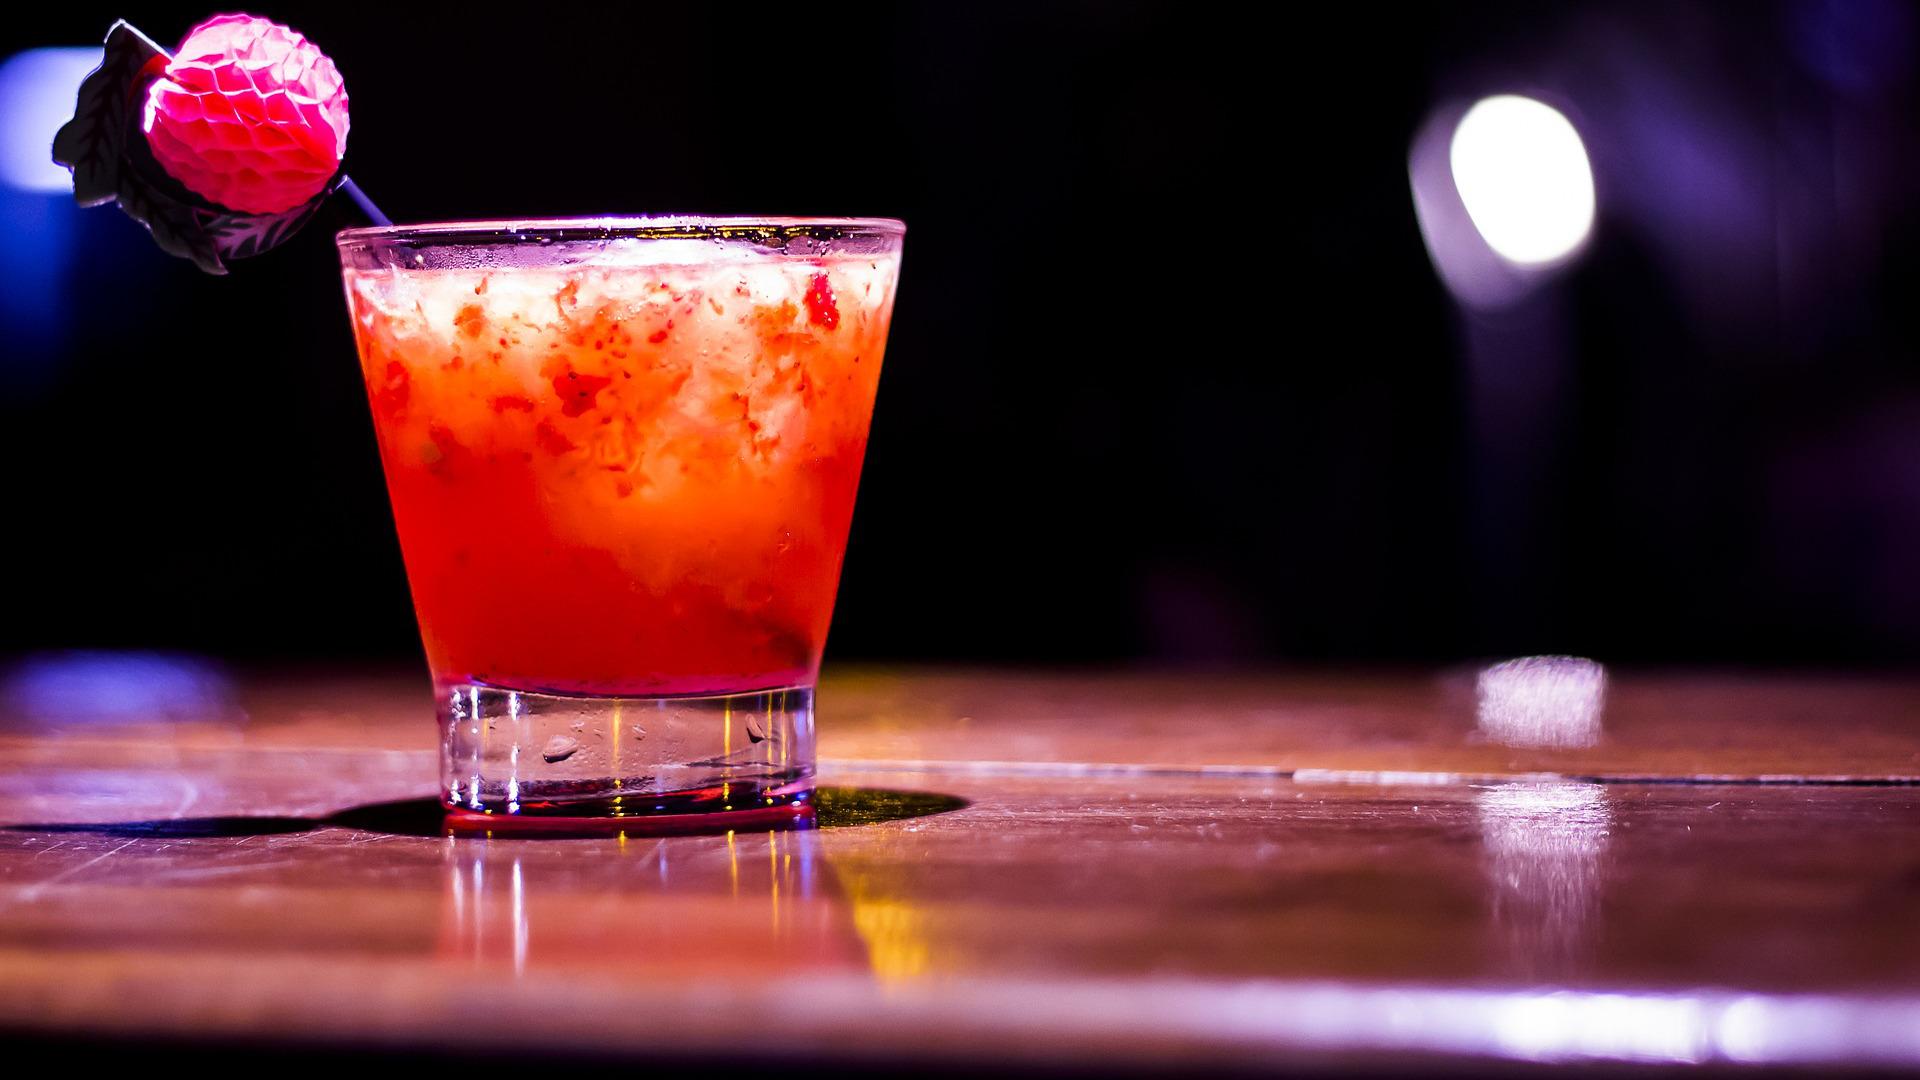 crean-una-barra-de-bar-para-medir-la-cantidad-de-alcohol-que-se-sirve-1920